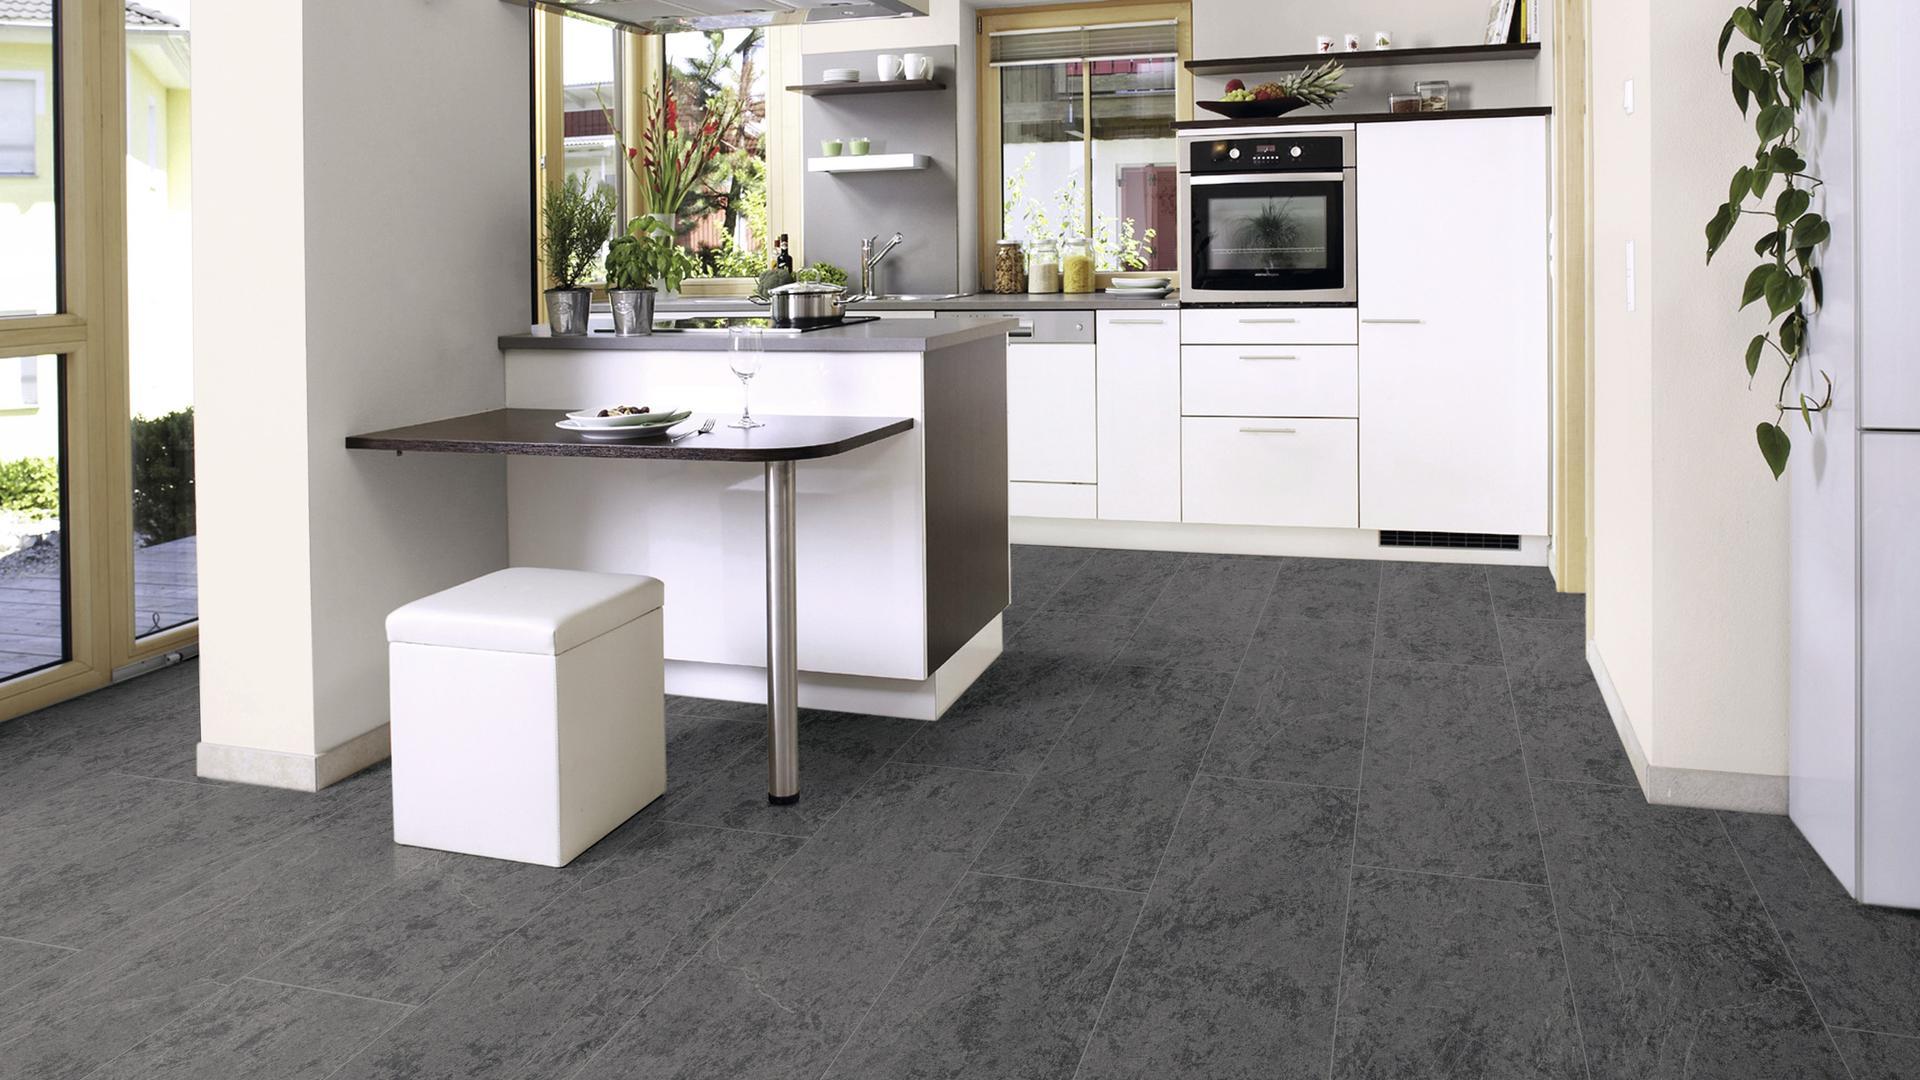 38475 Schiefer Mustang TC Concrete Tile - Boden | KAINDL